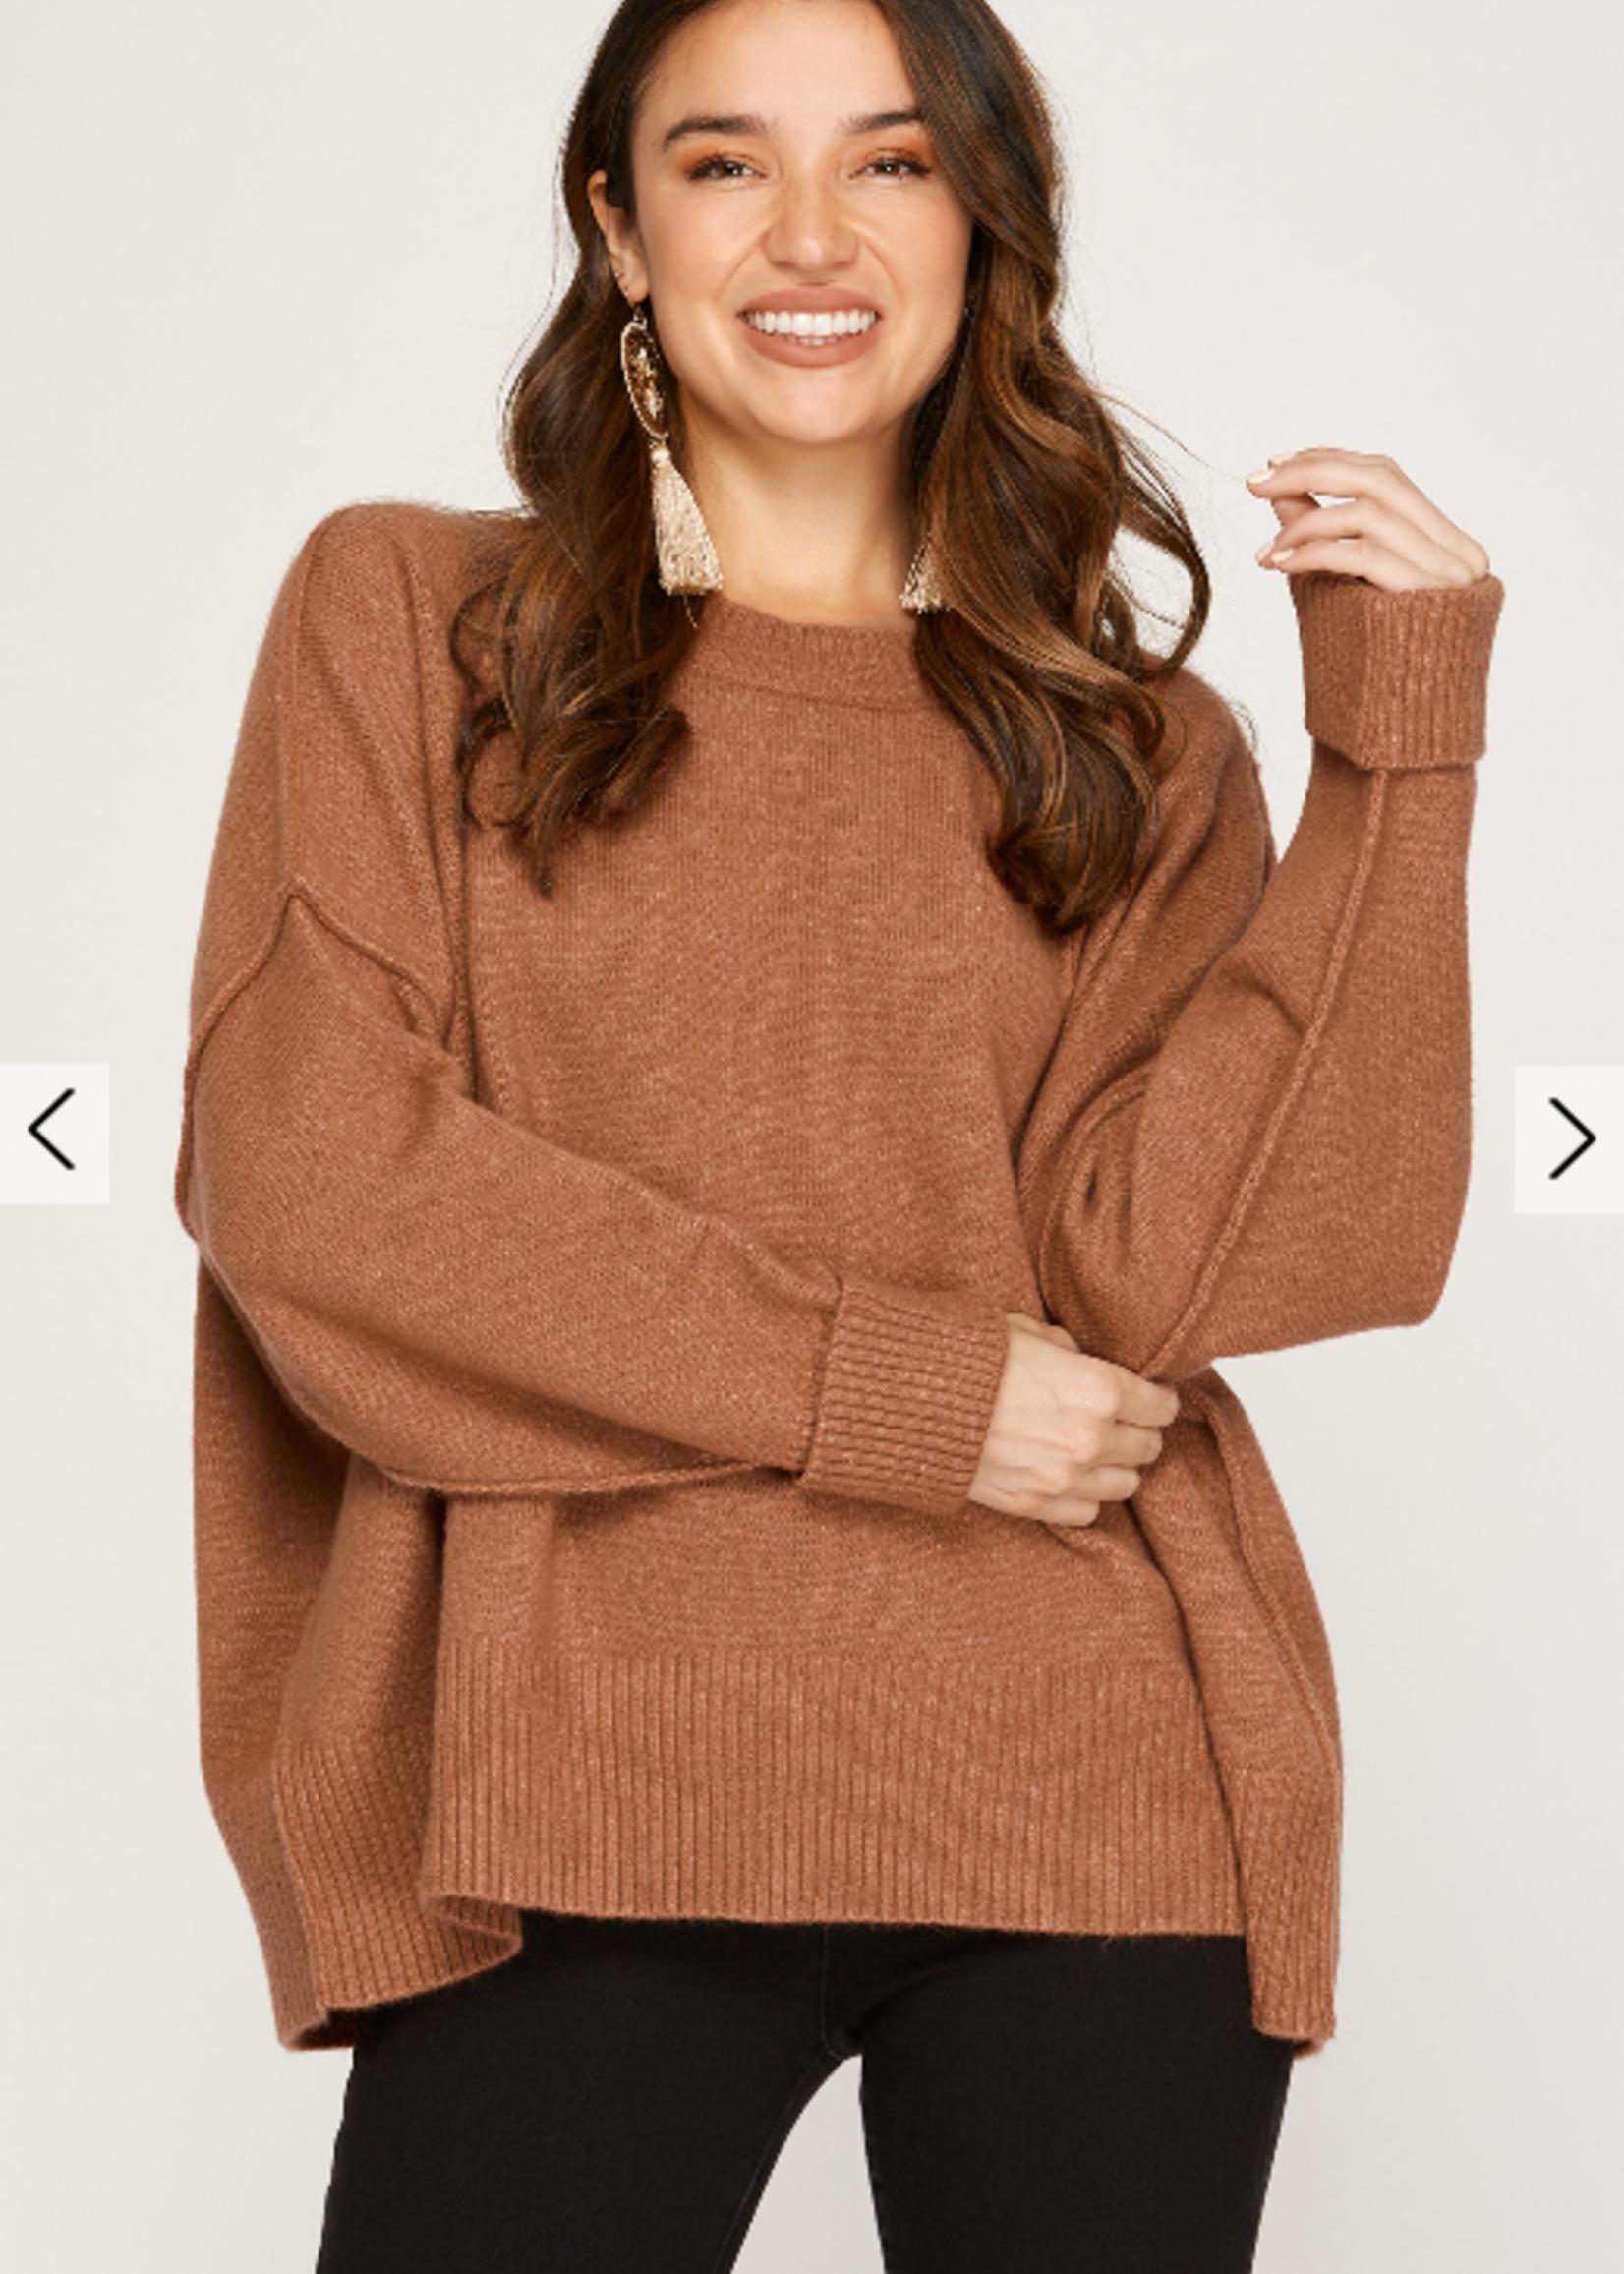 Drop Shoulder Sweater - Cinnamon